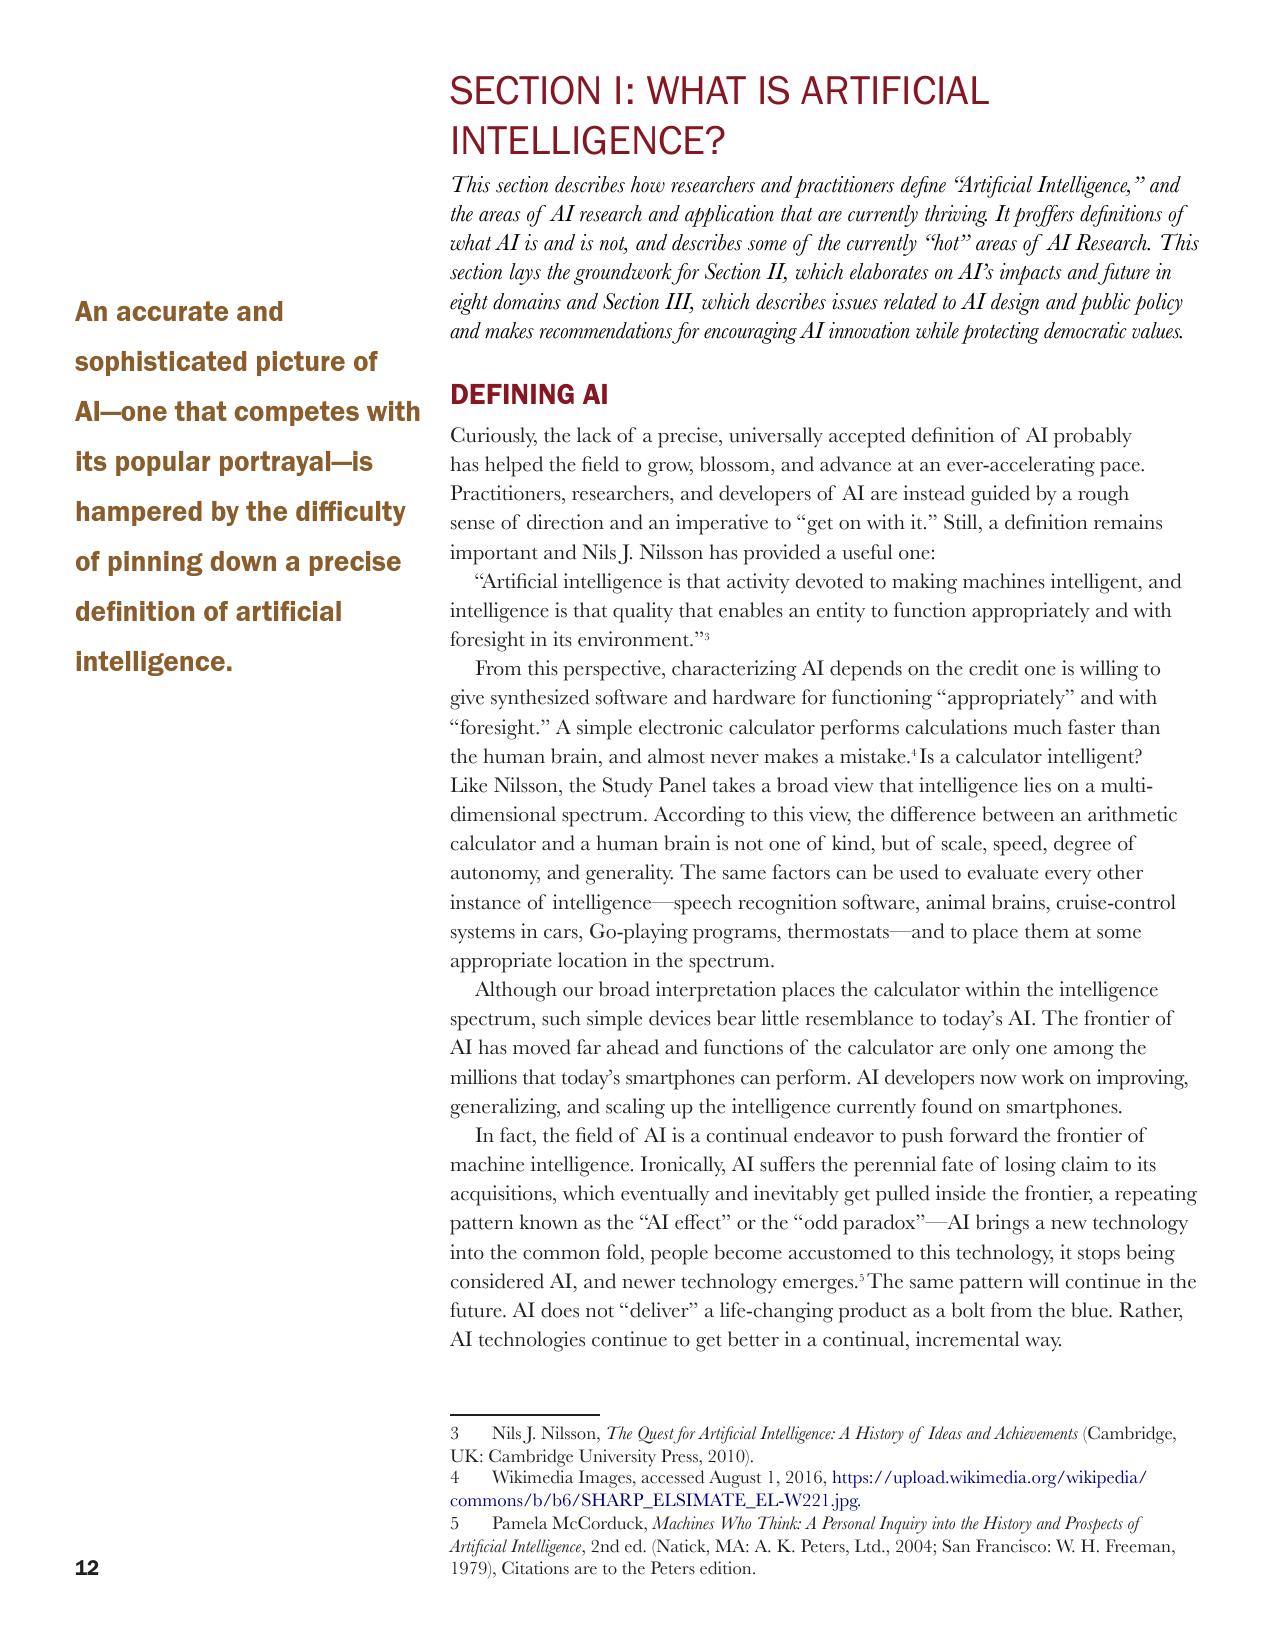 斯坦福:2030年的人工智能与人类生活_000012